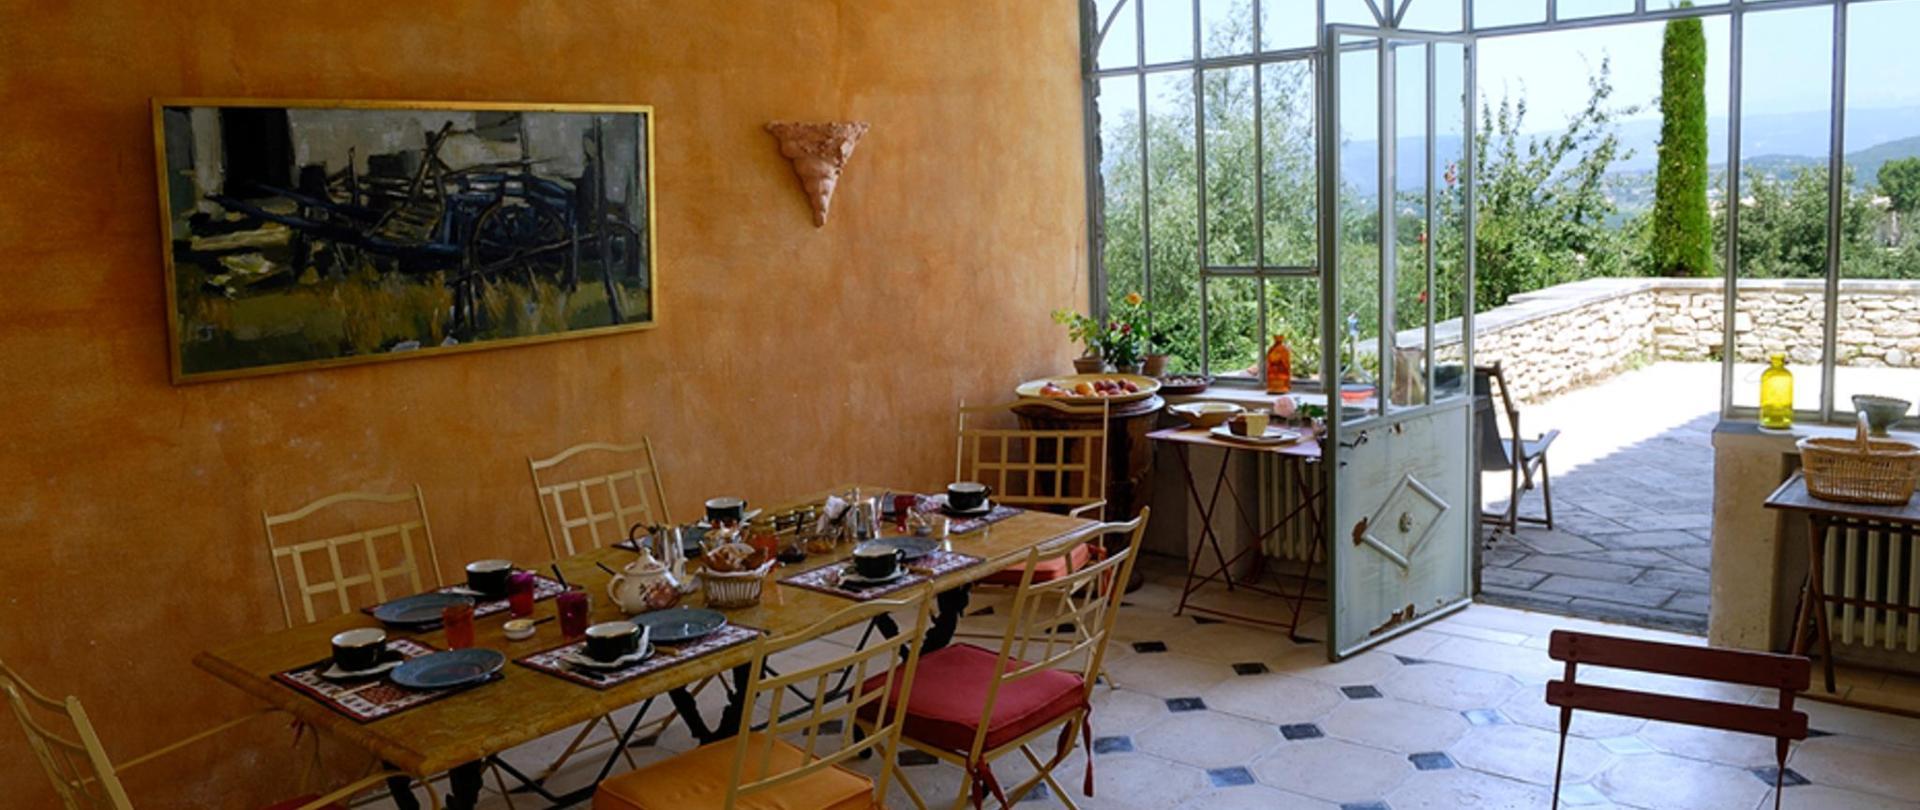 Cuisine Bastide des Magnans.jpg